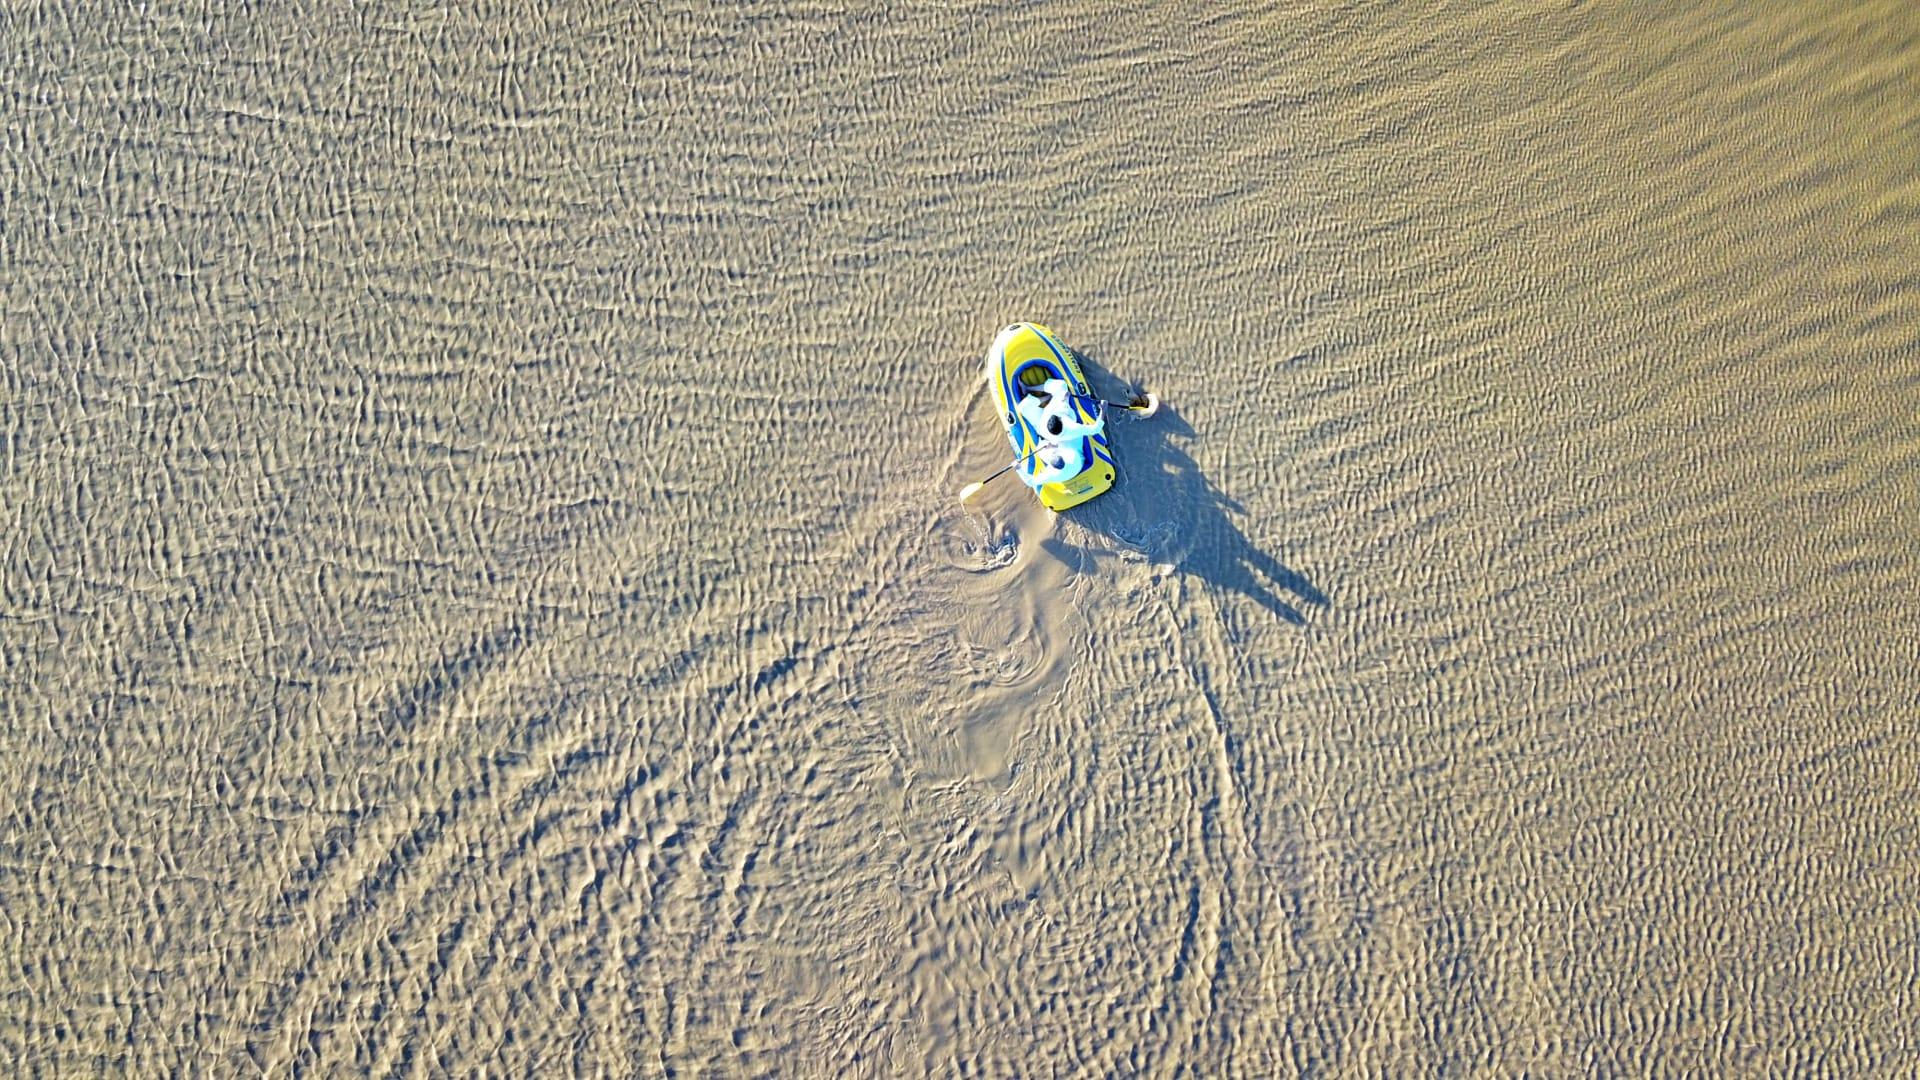 بالصور.. فوتوغرافي يوثق صور قوارب تسبح وسط صحراء الدهناء بالسعودية